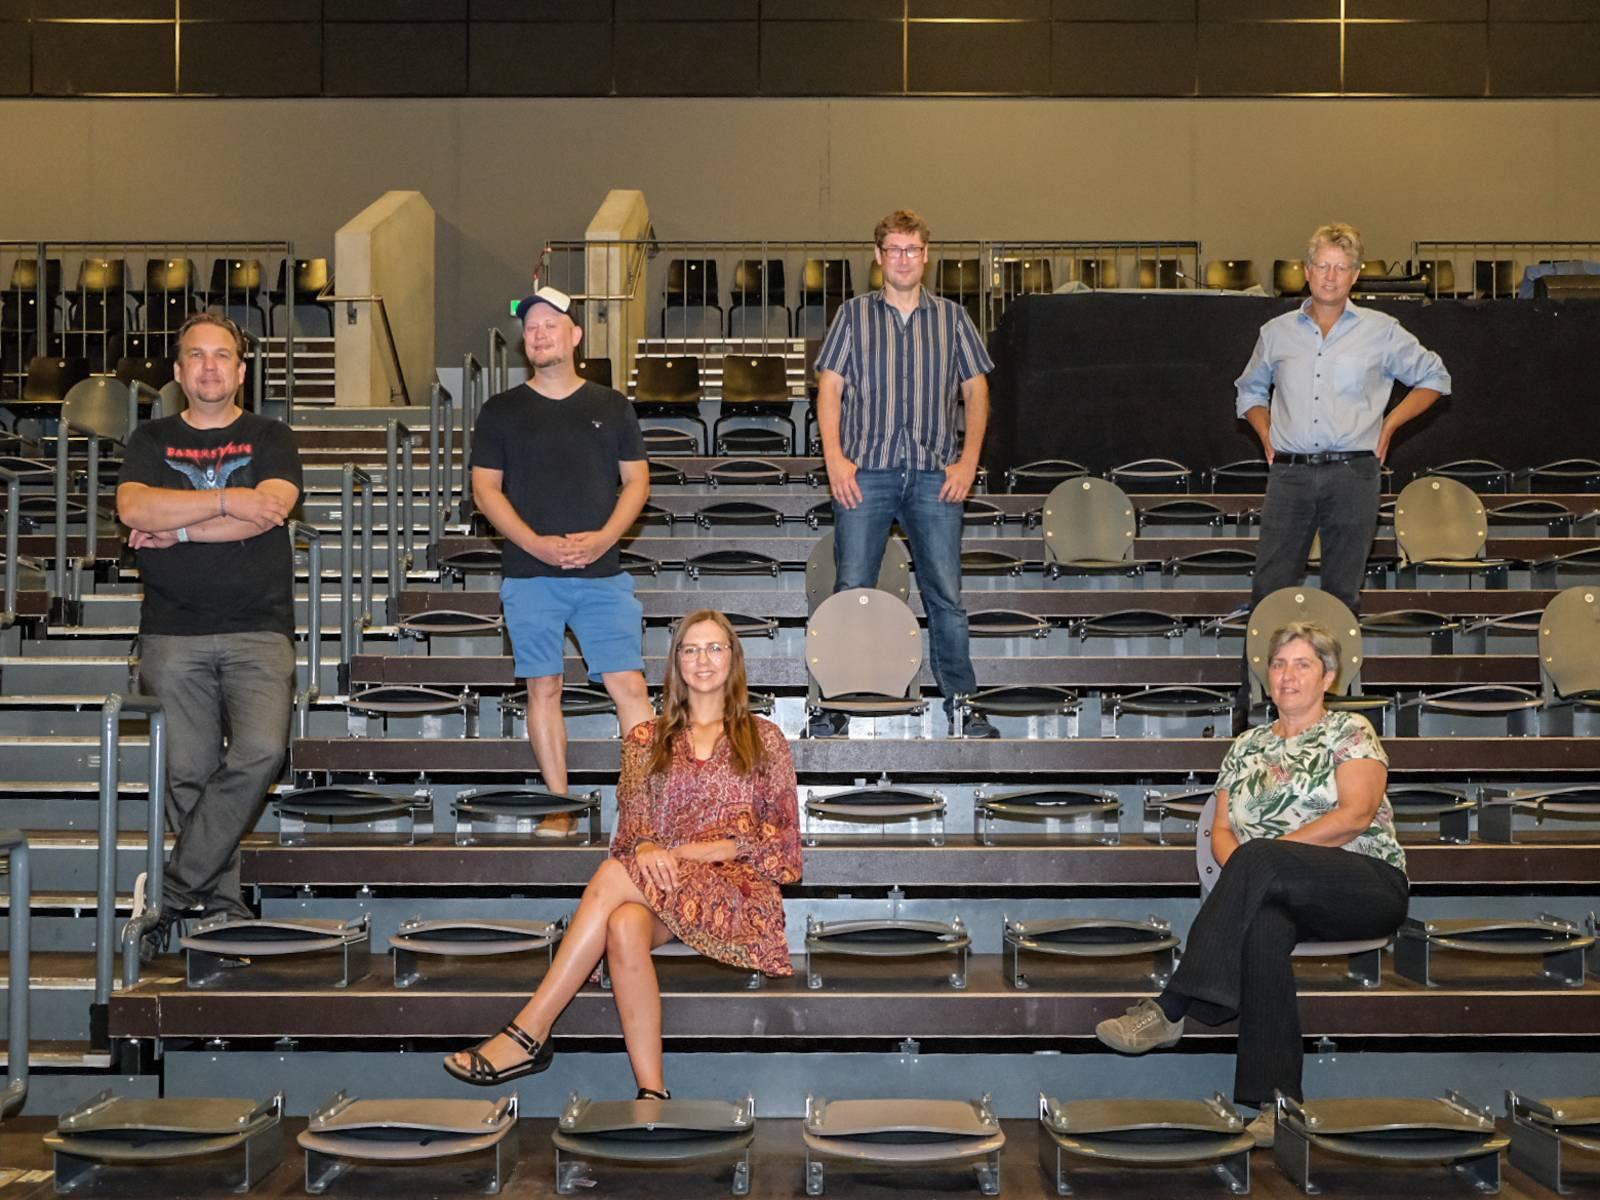 Sechs Personen stehen bzw. sitzen auf der Tribüne in einem Saal